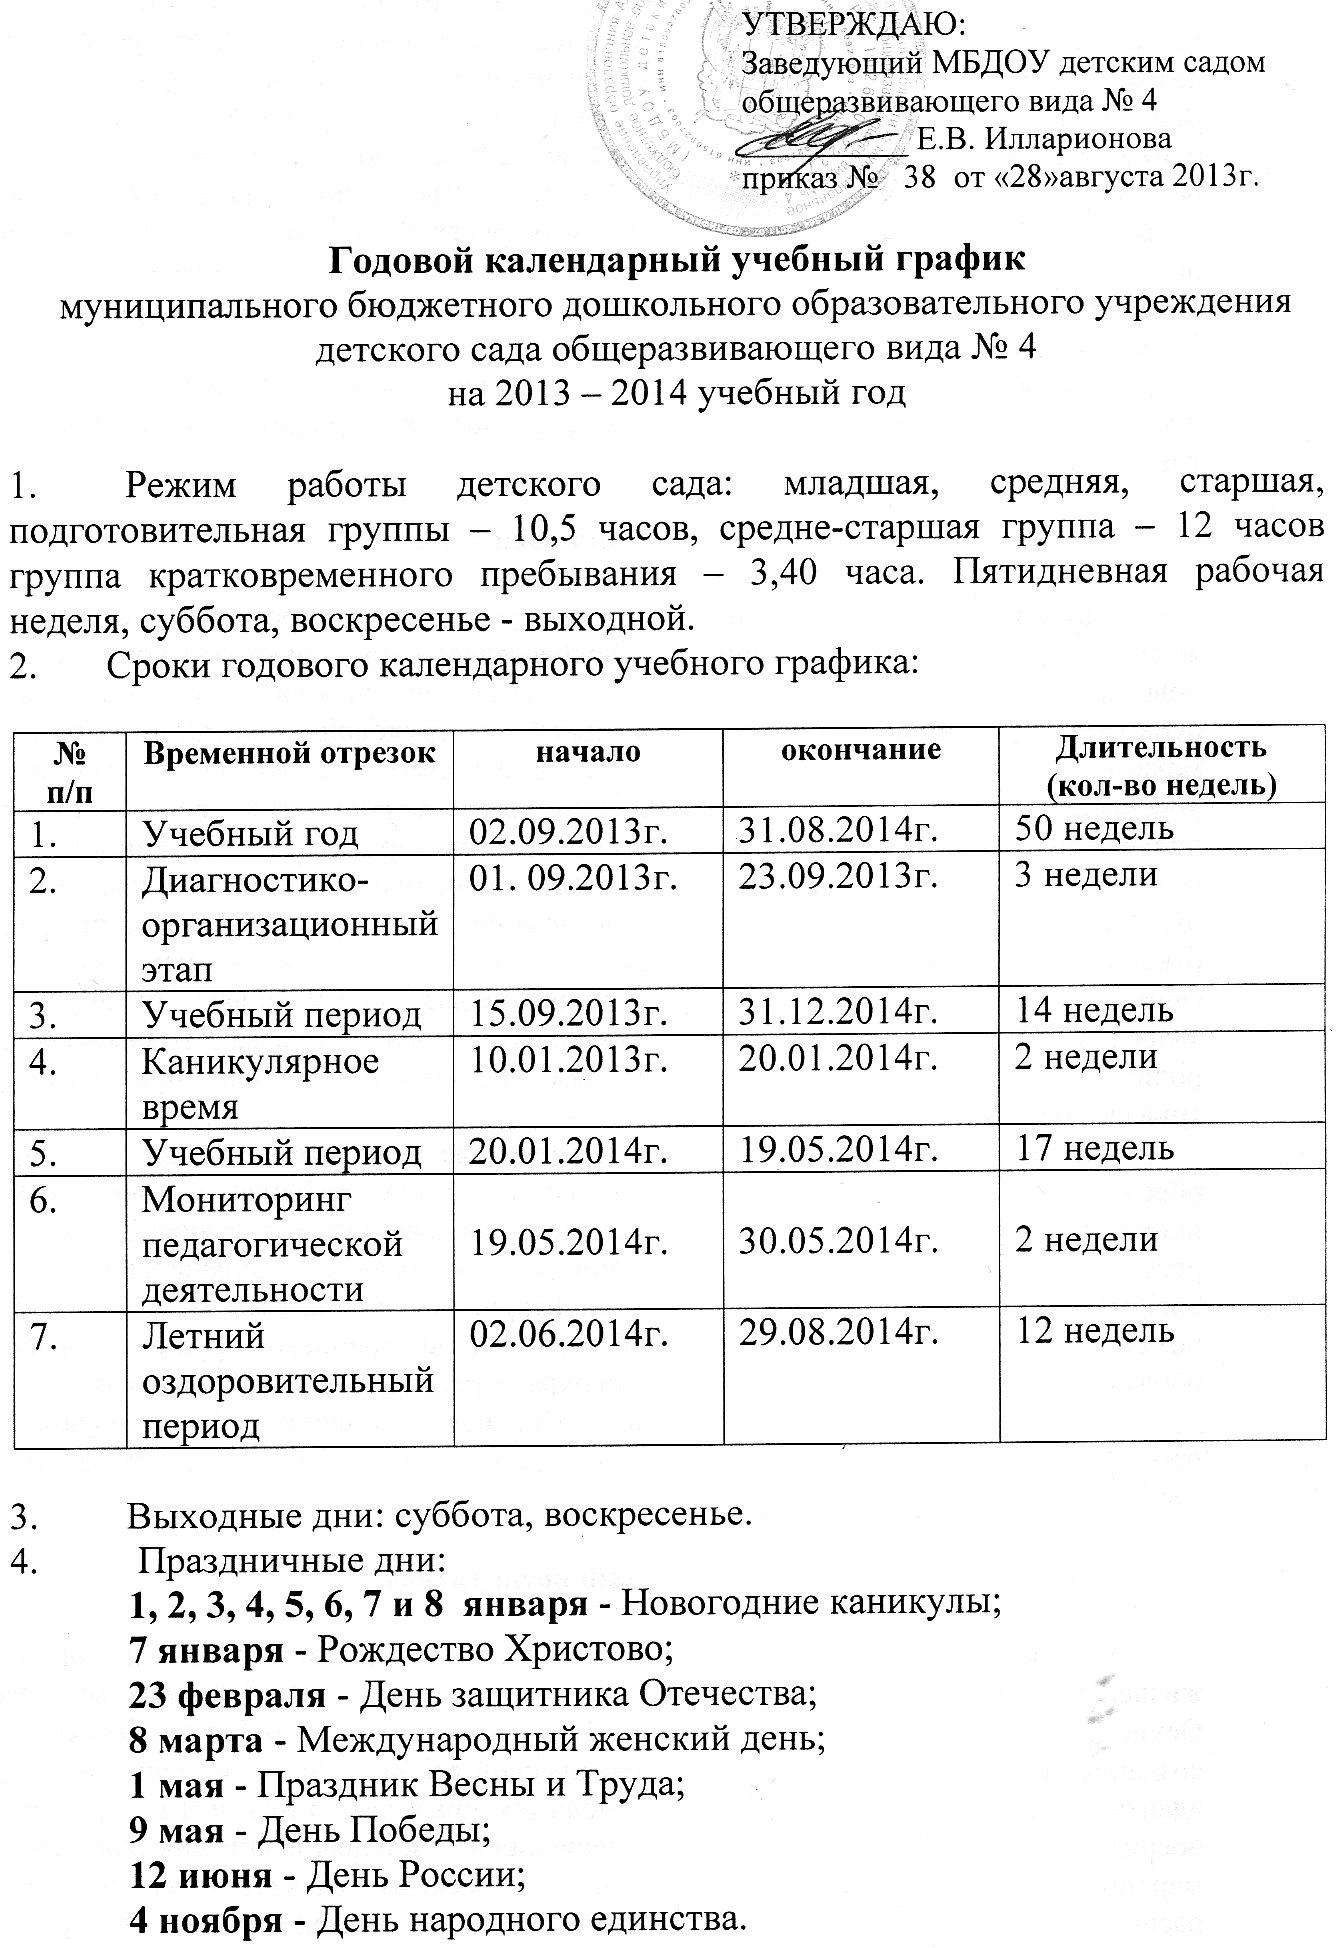 годовой календарный учебный график 2013-2014